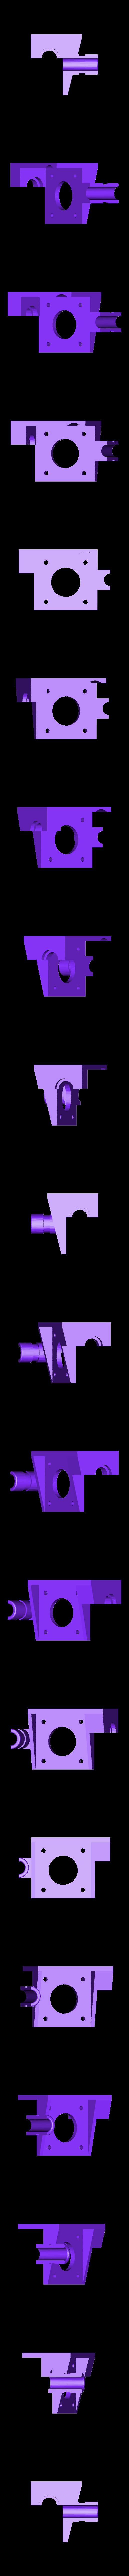 tg-plaque-ritaxiang.stl Télécharger fichier STL gratuit Geeetech Prusa i3 Pro B - Kit de migration E3Dv6 • Design pour impression 3D, abojpc